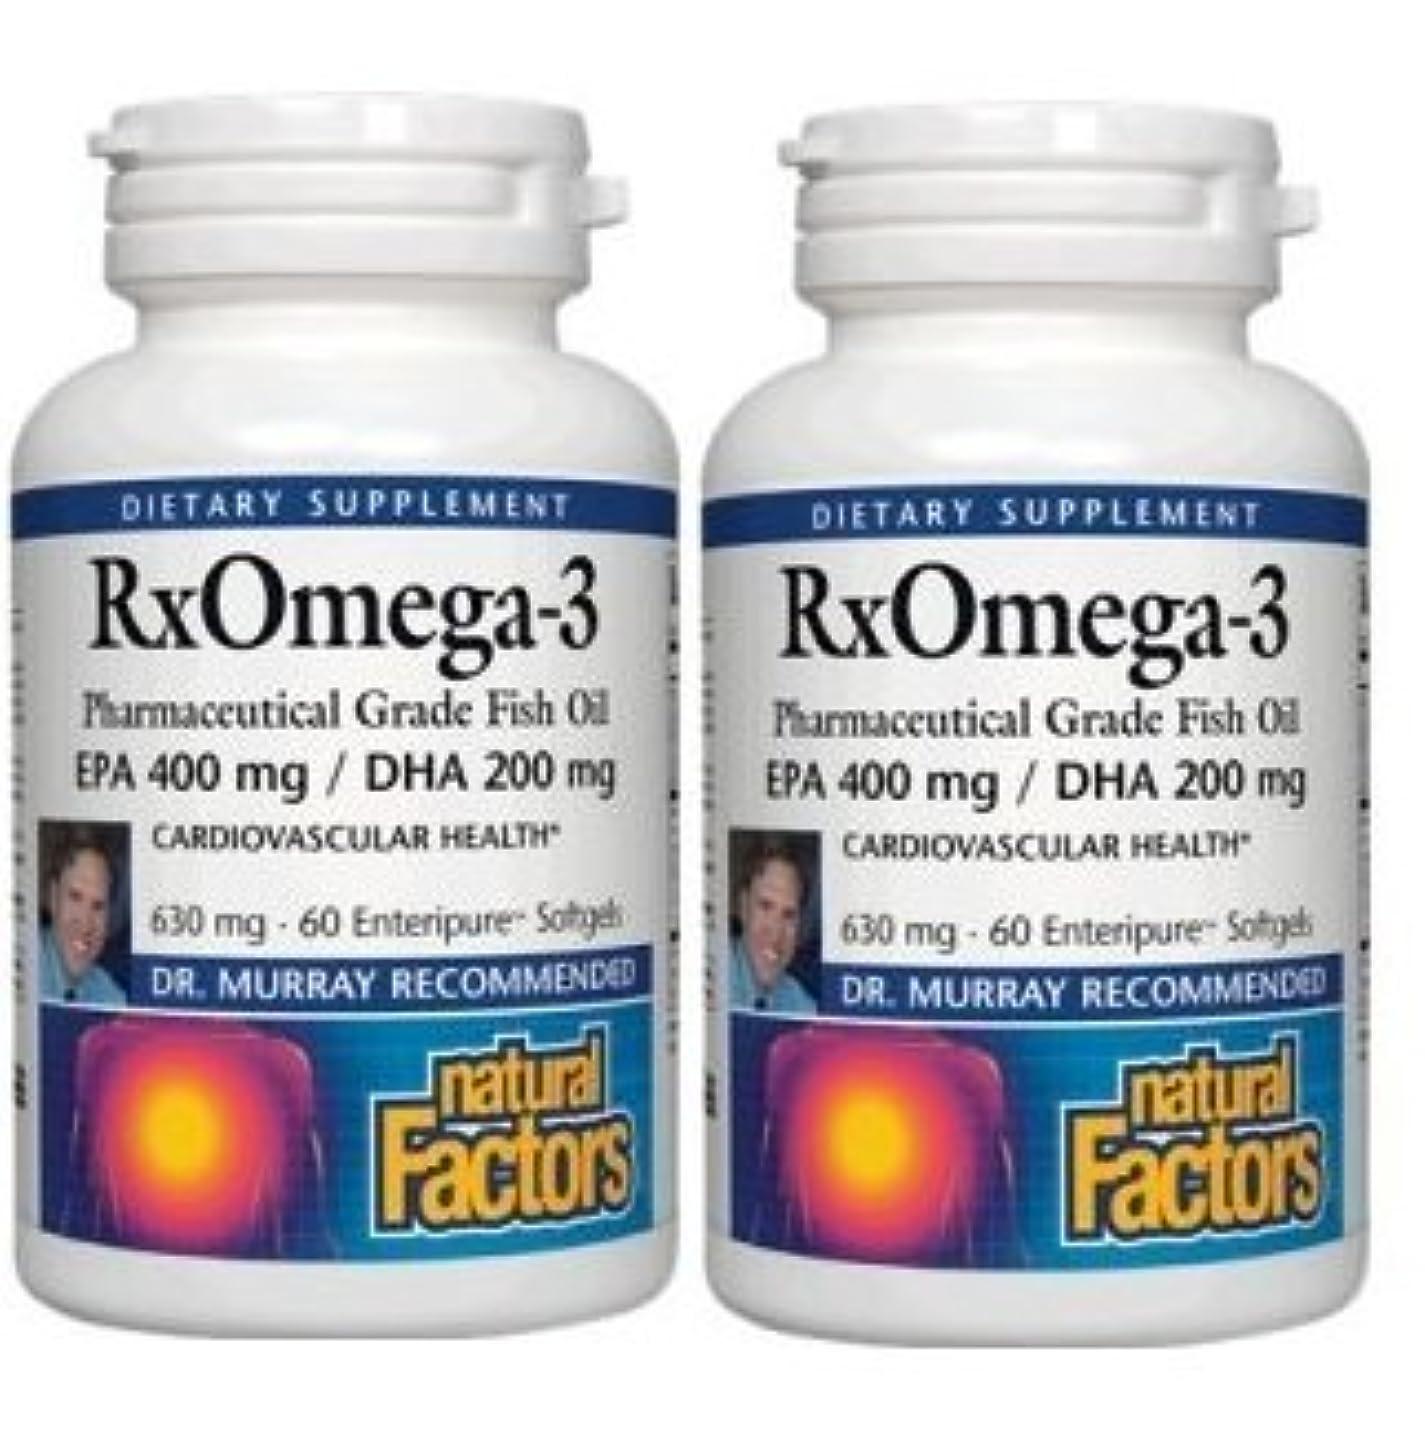 ロッカーハード石灰岩【2本セット】【海外直送品】Natural Factors - RxOmega-3 Factors EPA 400 mg/DHA 200 mg - 60ソフトジェル